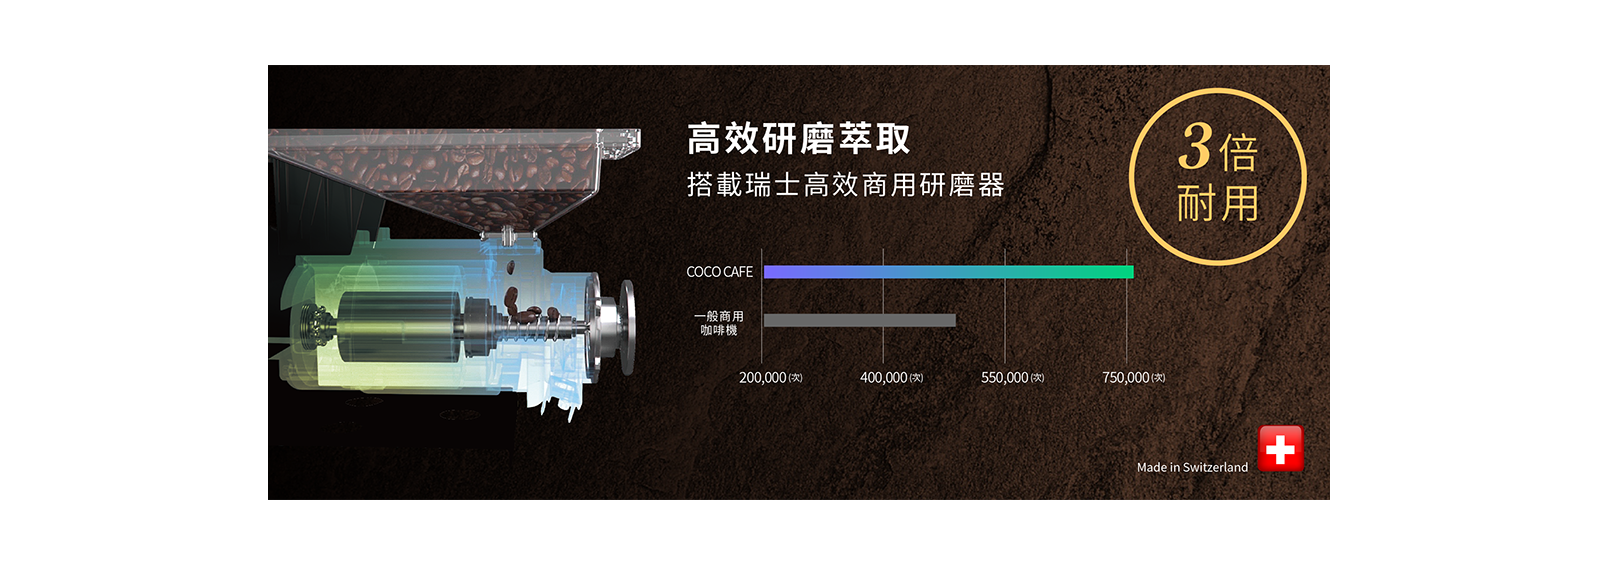 CoCoCafe咖啡自動販賣機-ai2000-hc研磨器